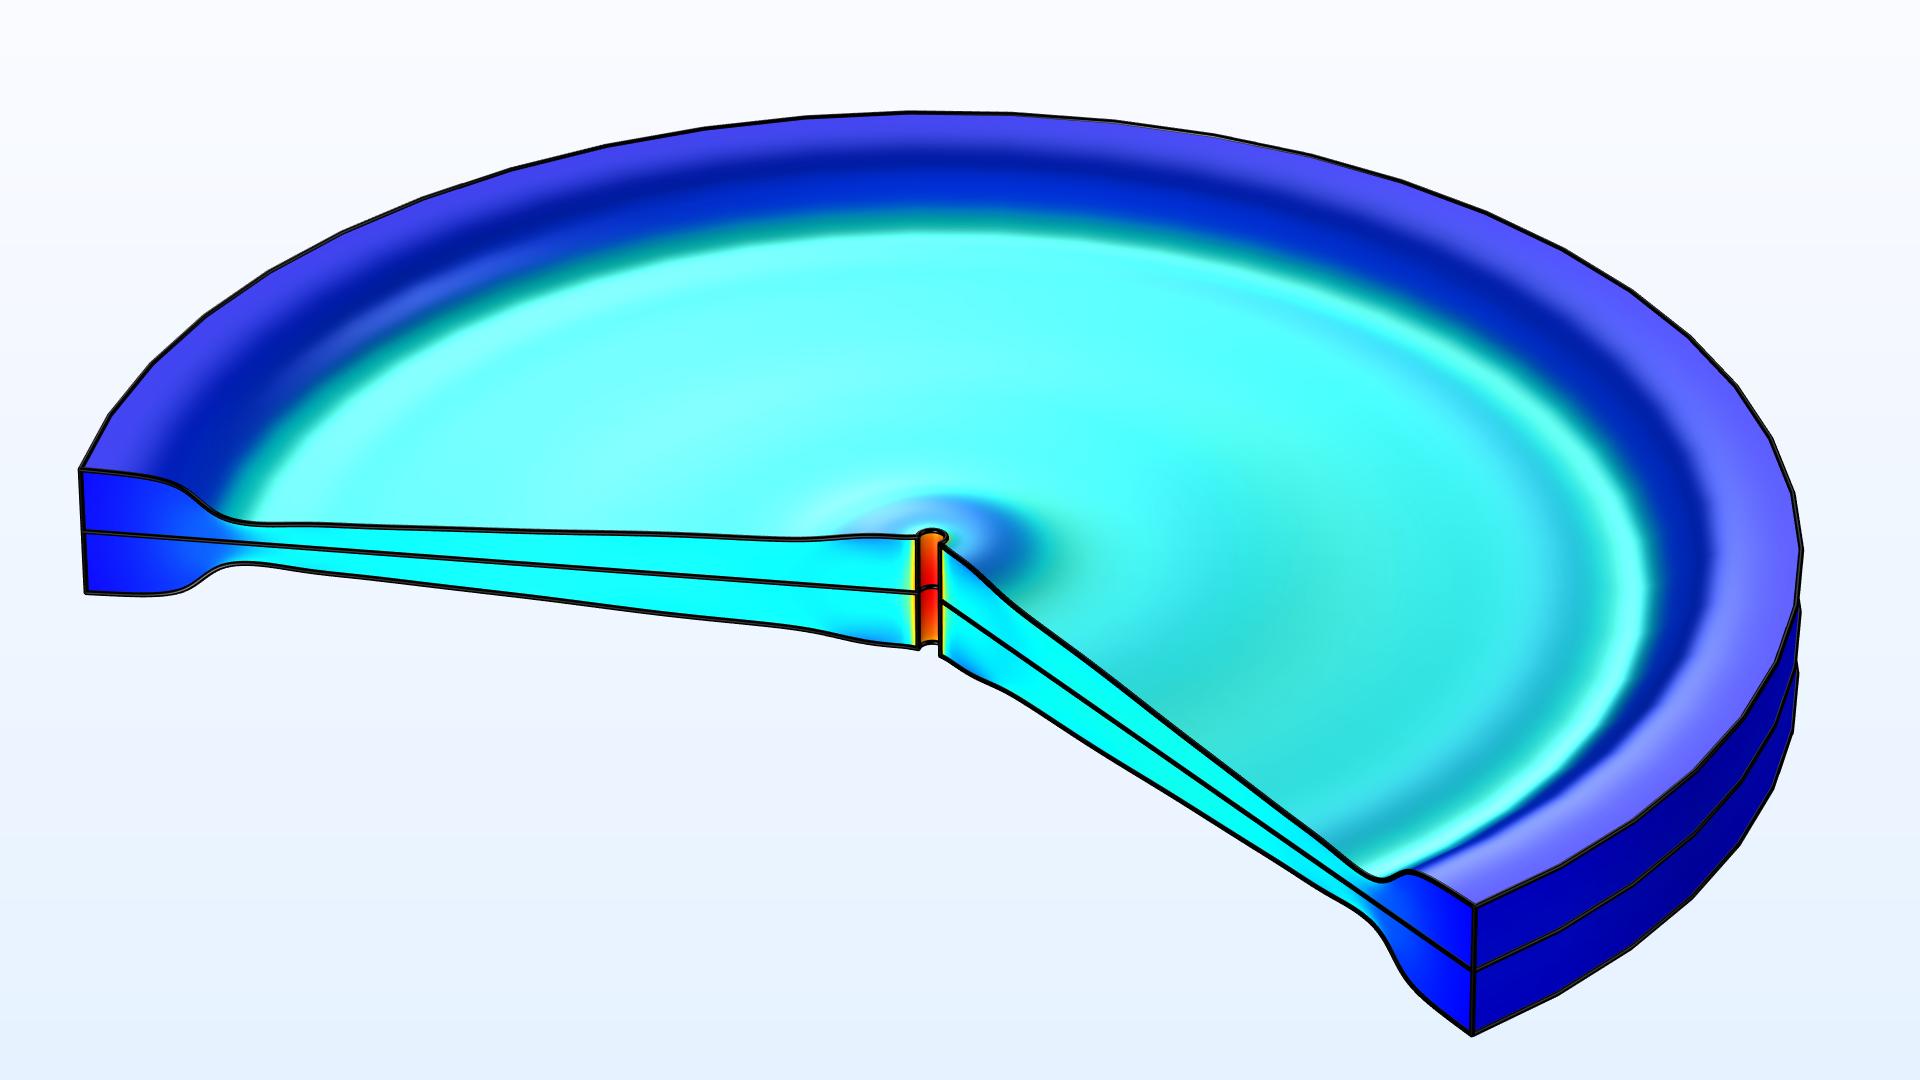 형상 최적화는 초기의 원통형 디스크에 대해 수행합니다. 관성 모멘트가 최대화되고 그때에 디스크는 플라이휠로써 사용될 수 있습니다.